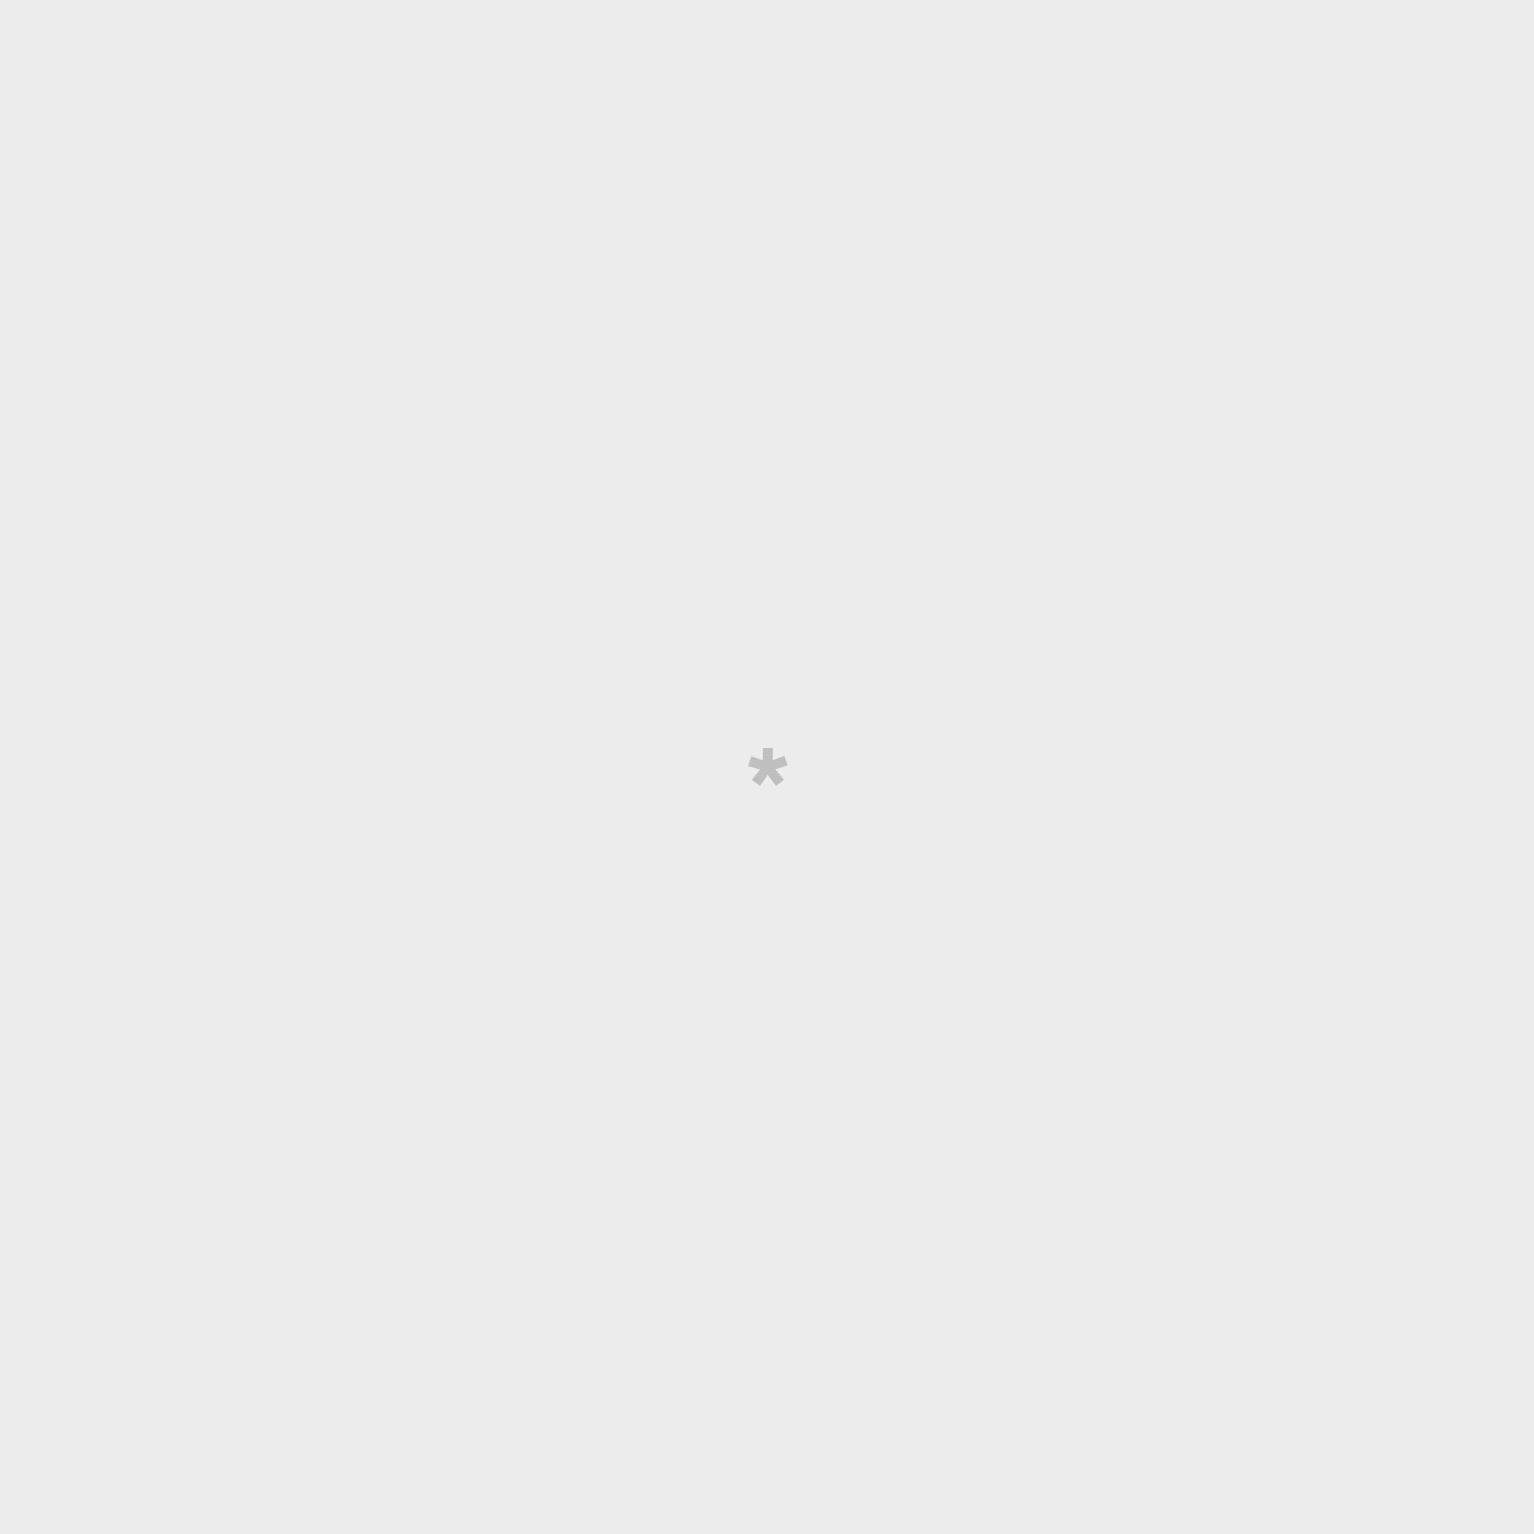 Álbum de fotos - Make memories all over the world